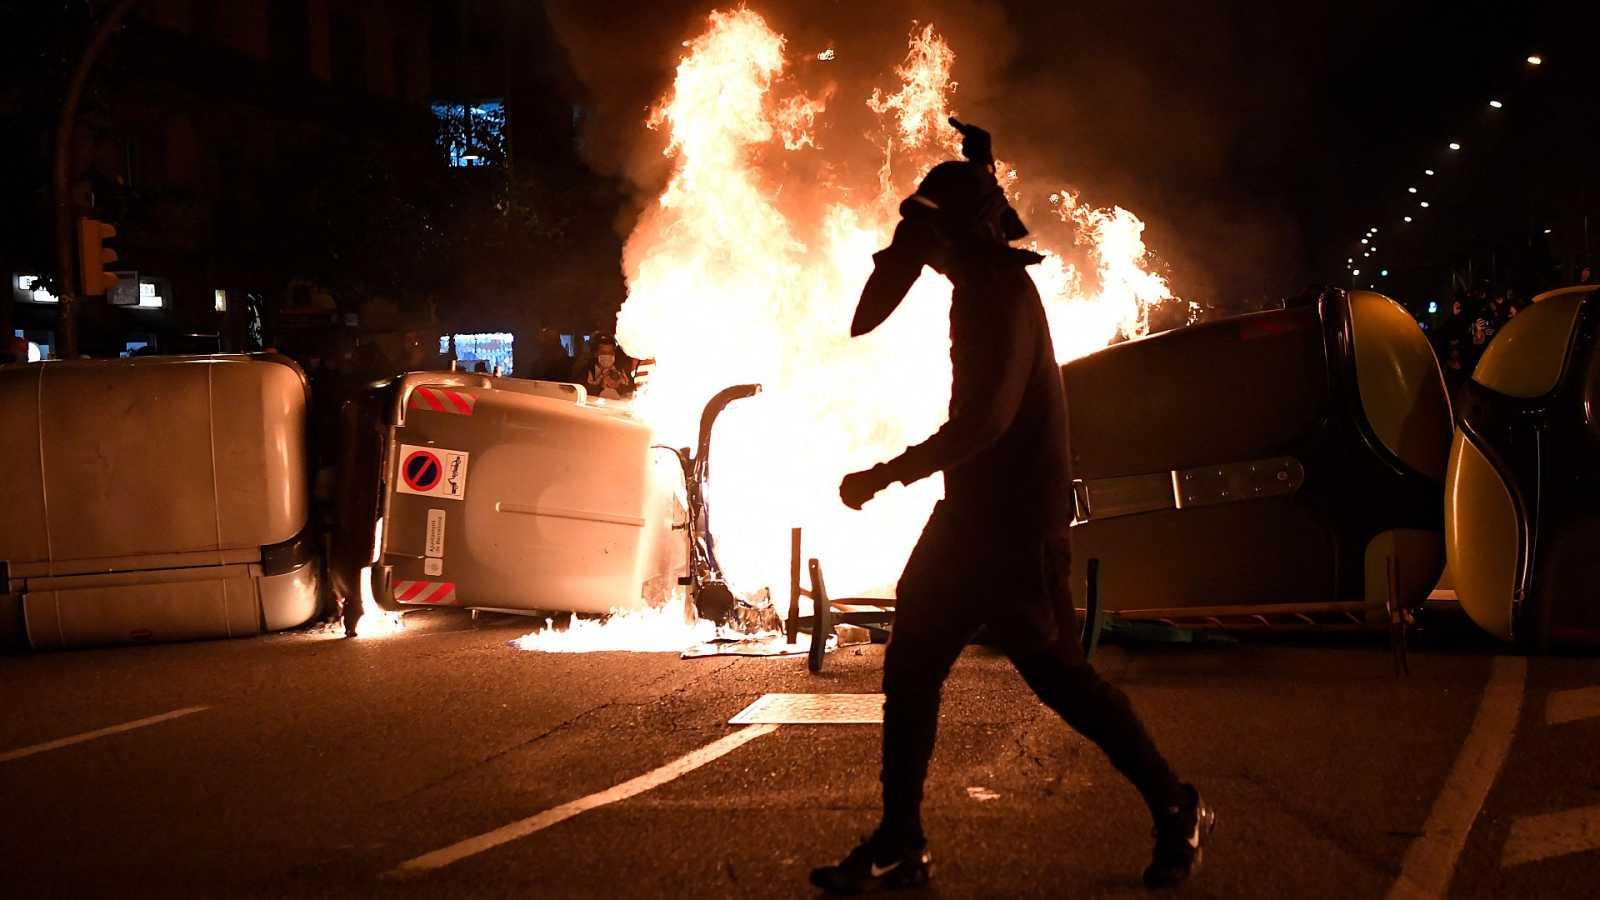 Saqueos y disturbios en la cuarta noche de protestas por el encarcelamiento de Hasel